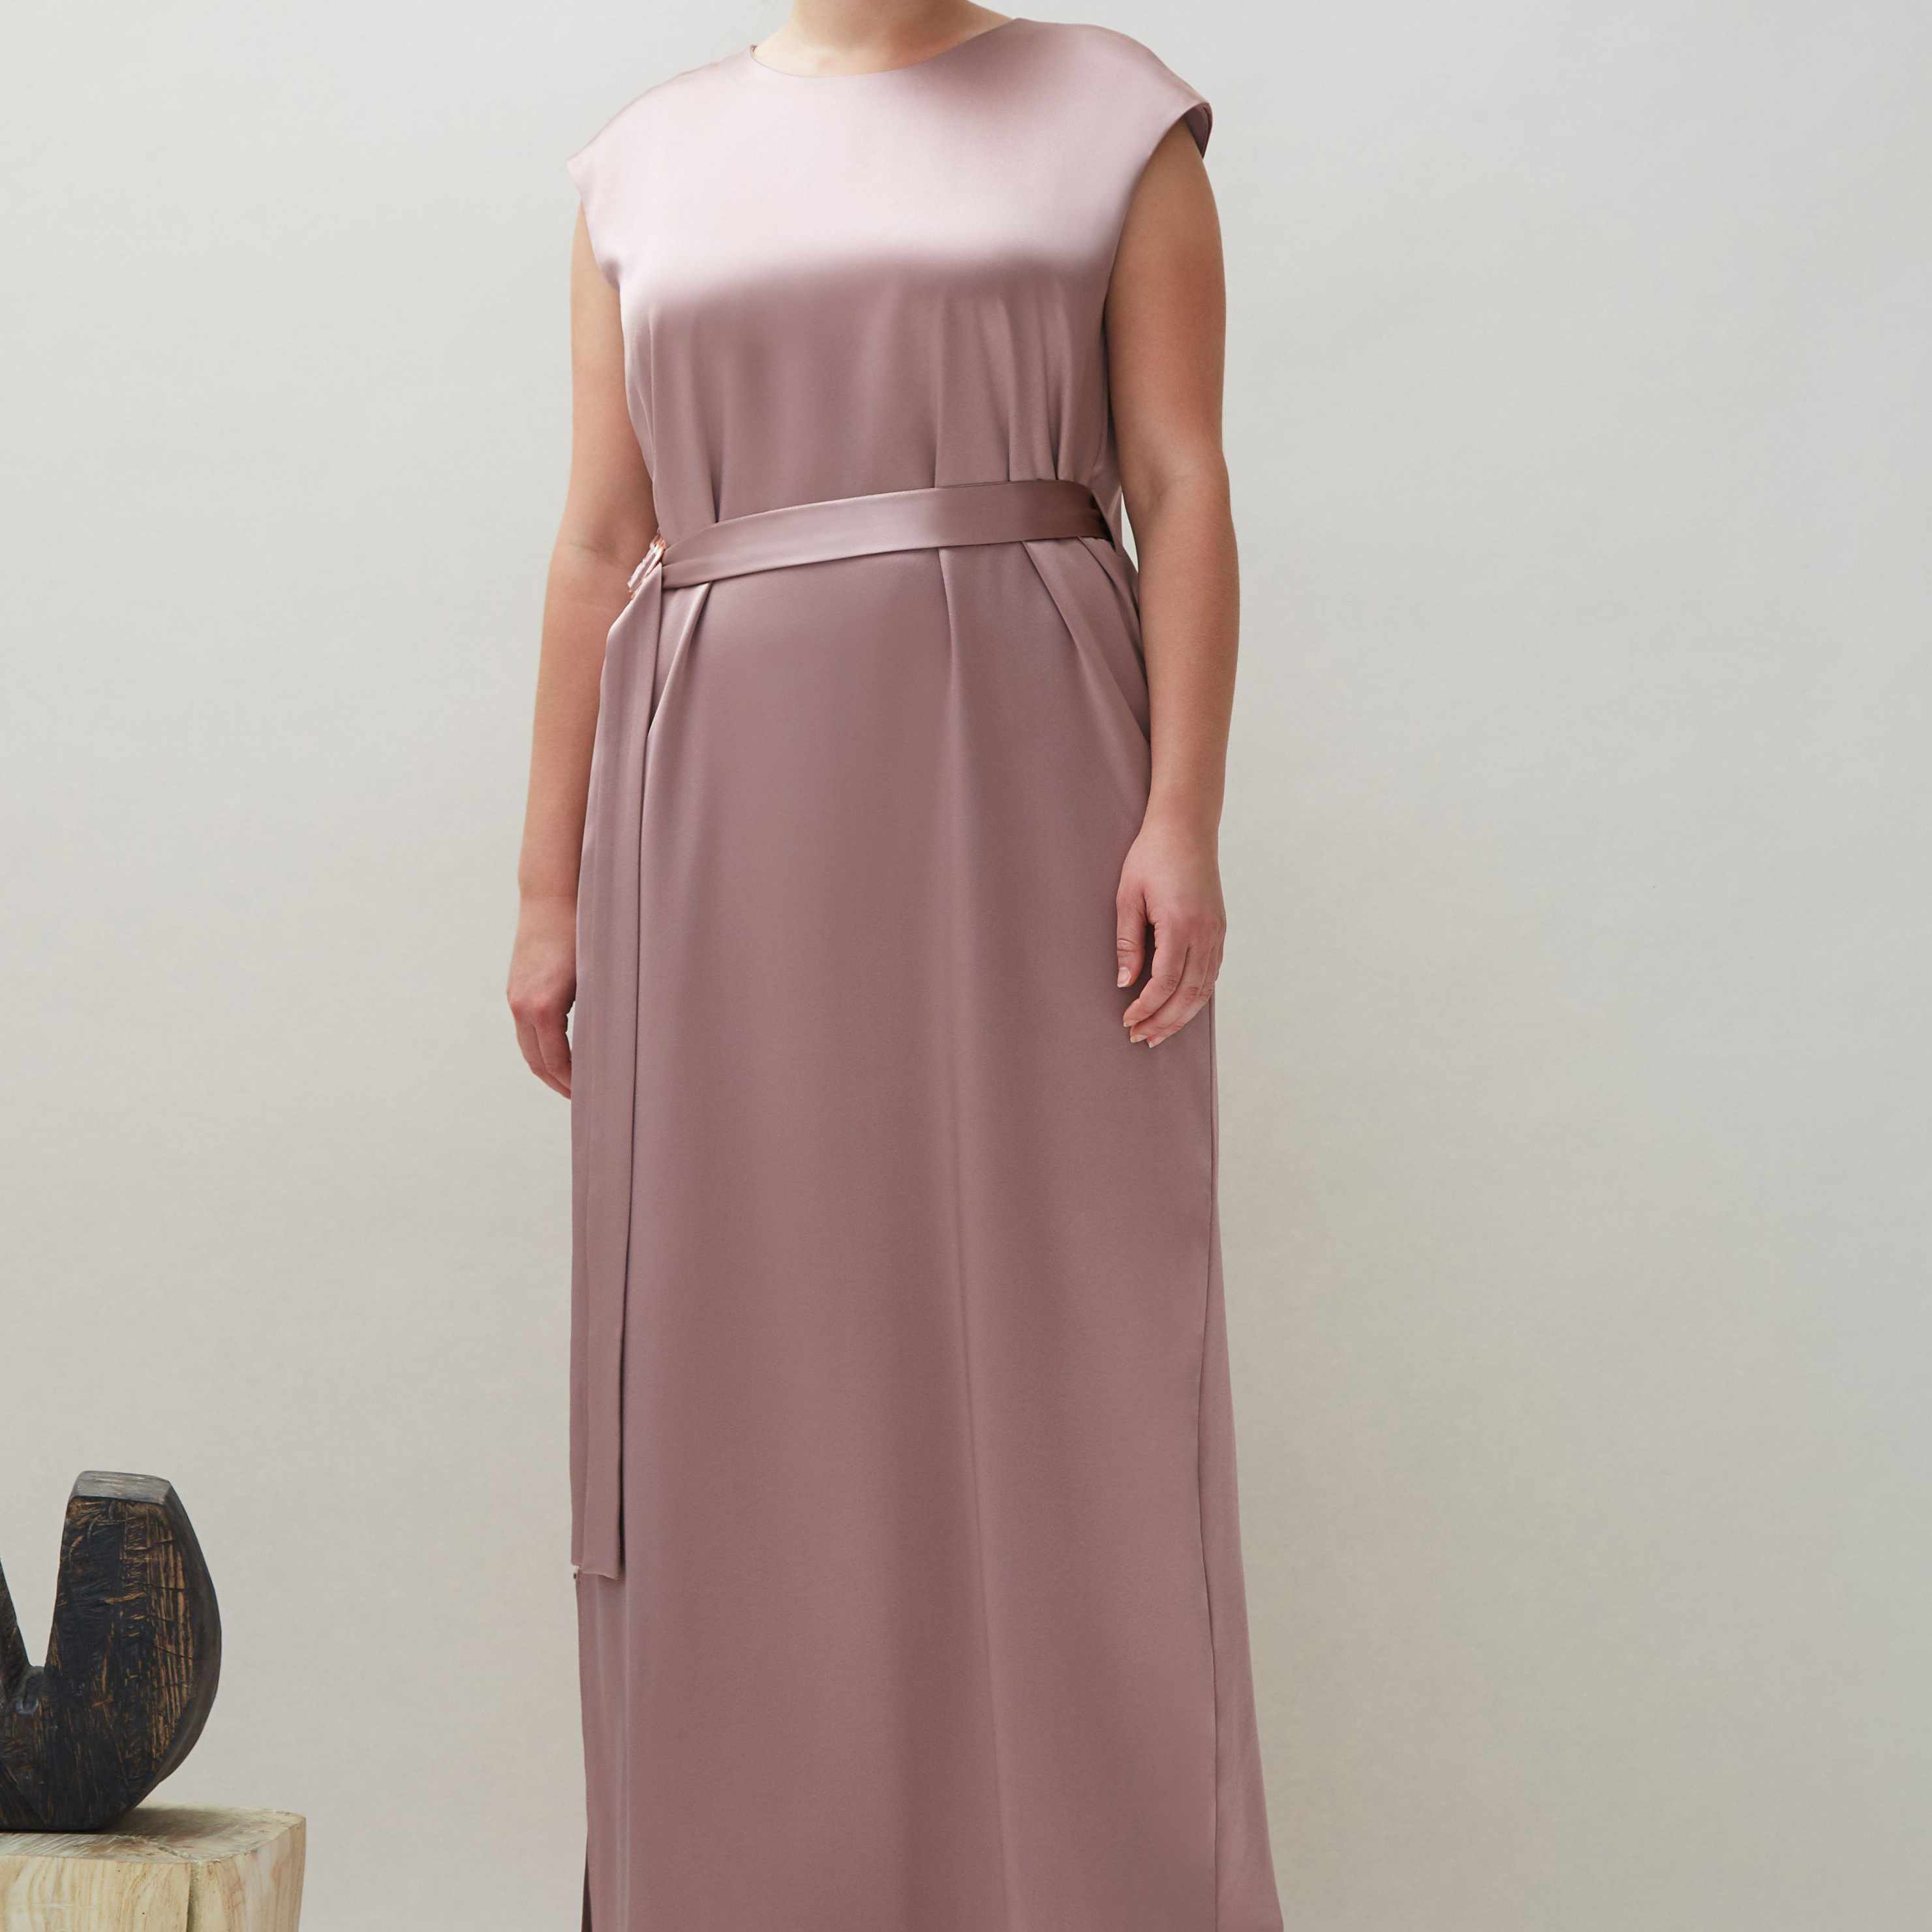 modest dress